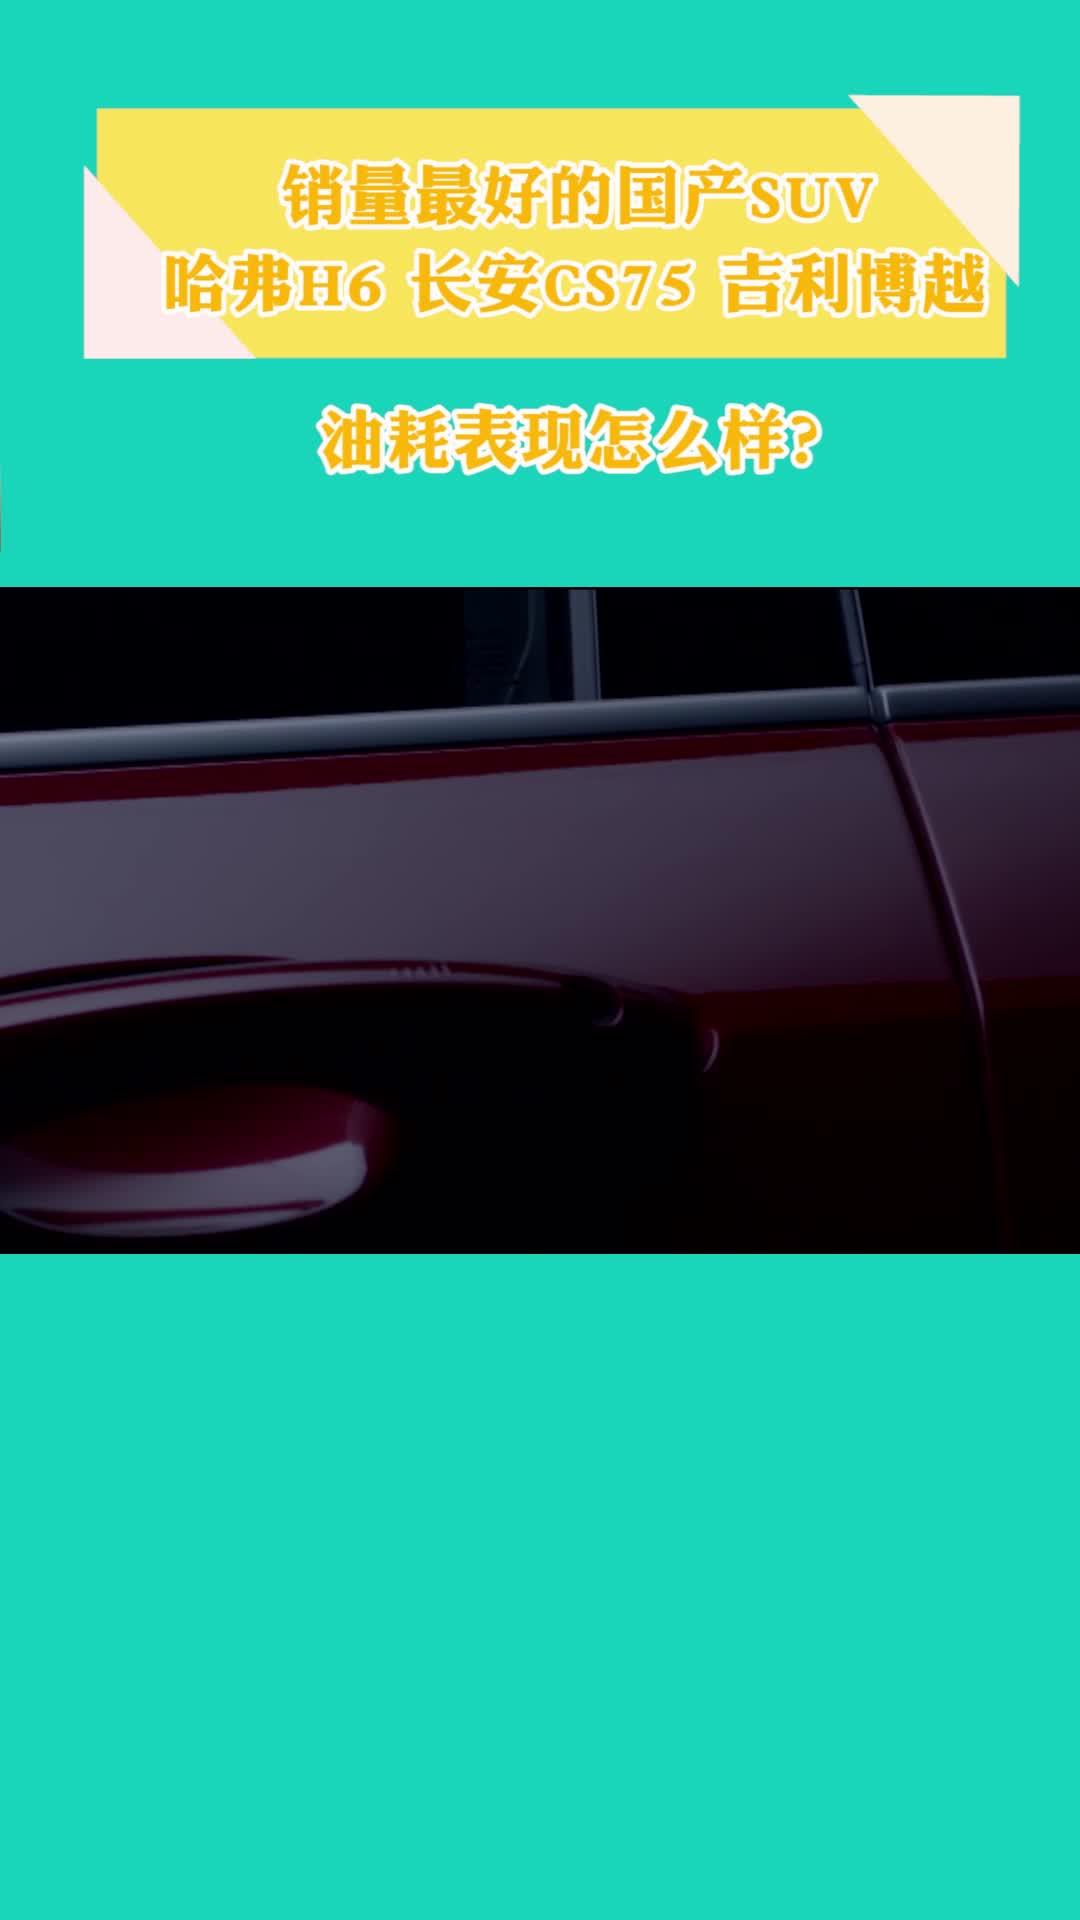 视频:销量最好的国产SUV,哈弗H6 长安CS75 吉利博越油耗表现如何?